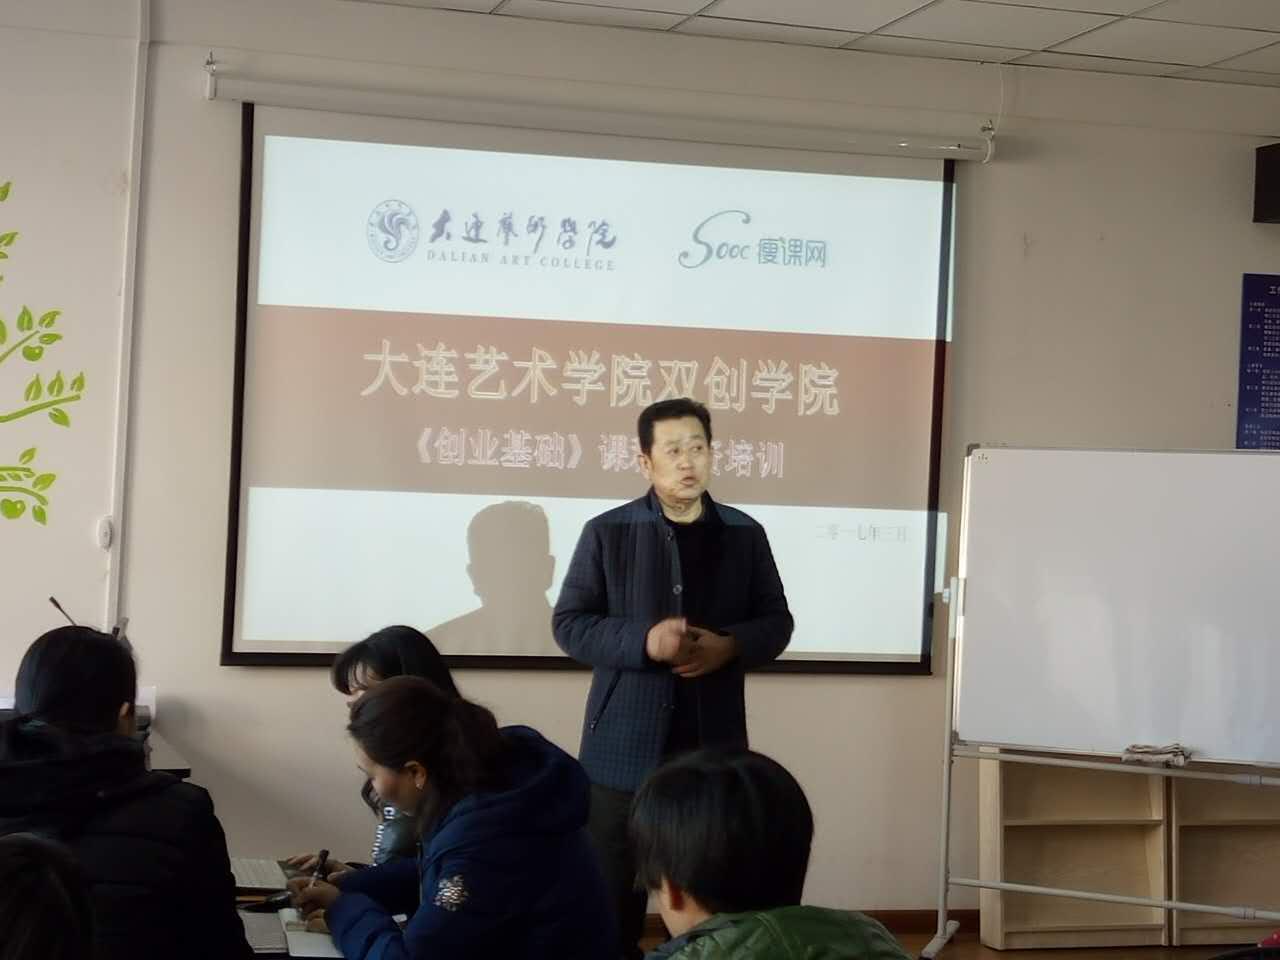 Sooc瘦课网携手大连艺术学院成功举办第一届师资培训班!